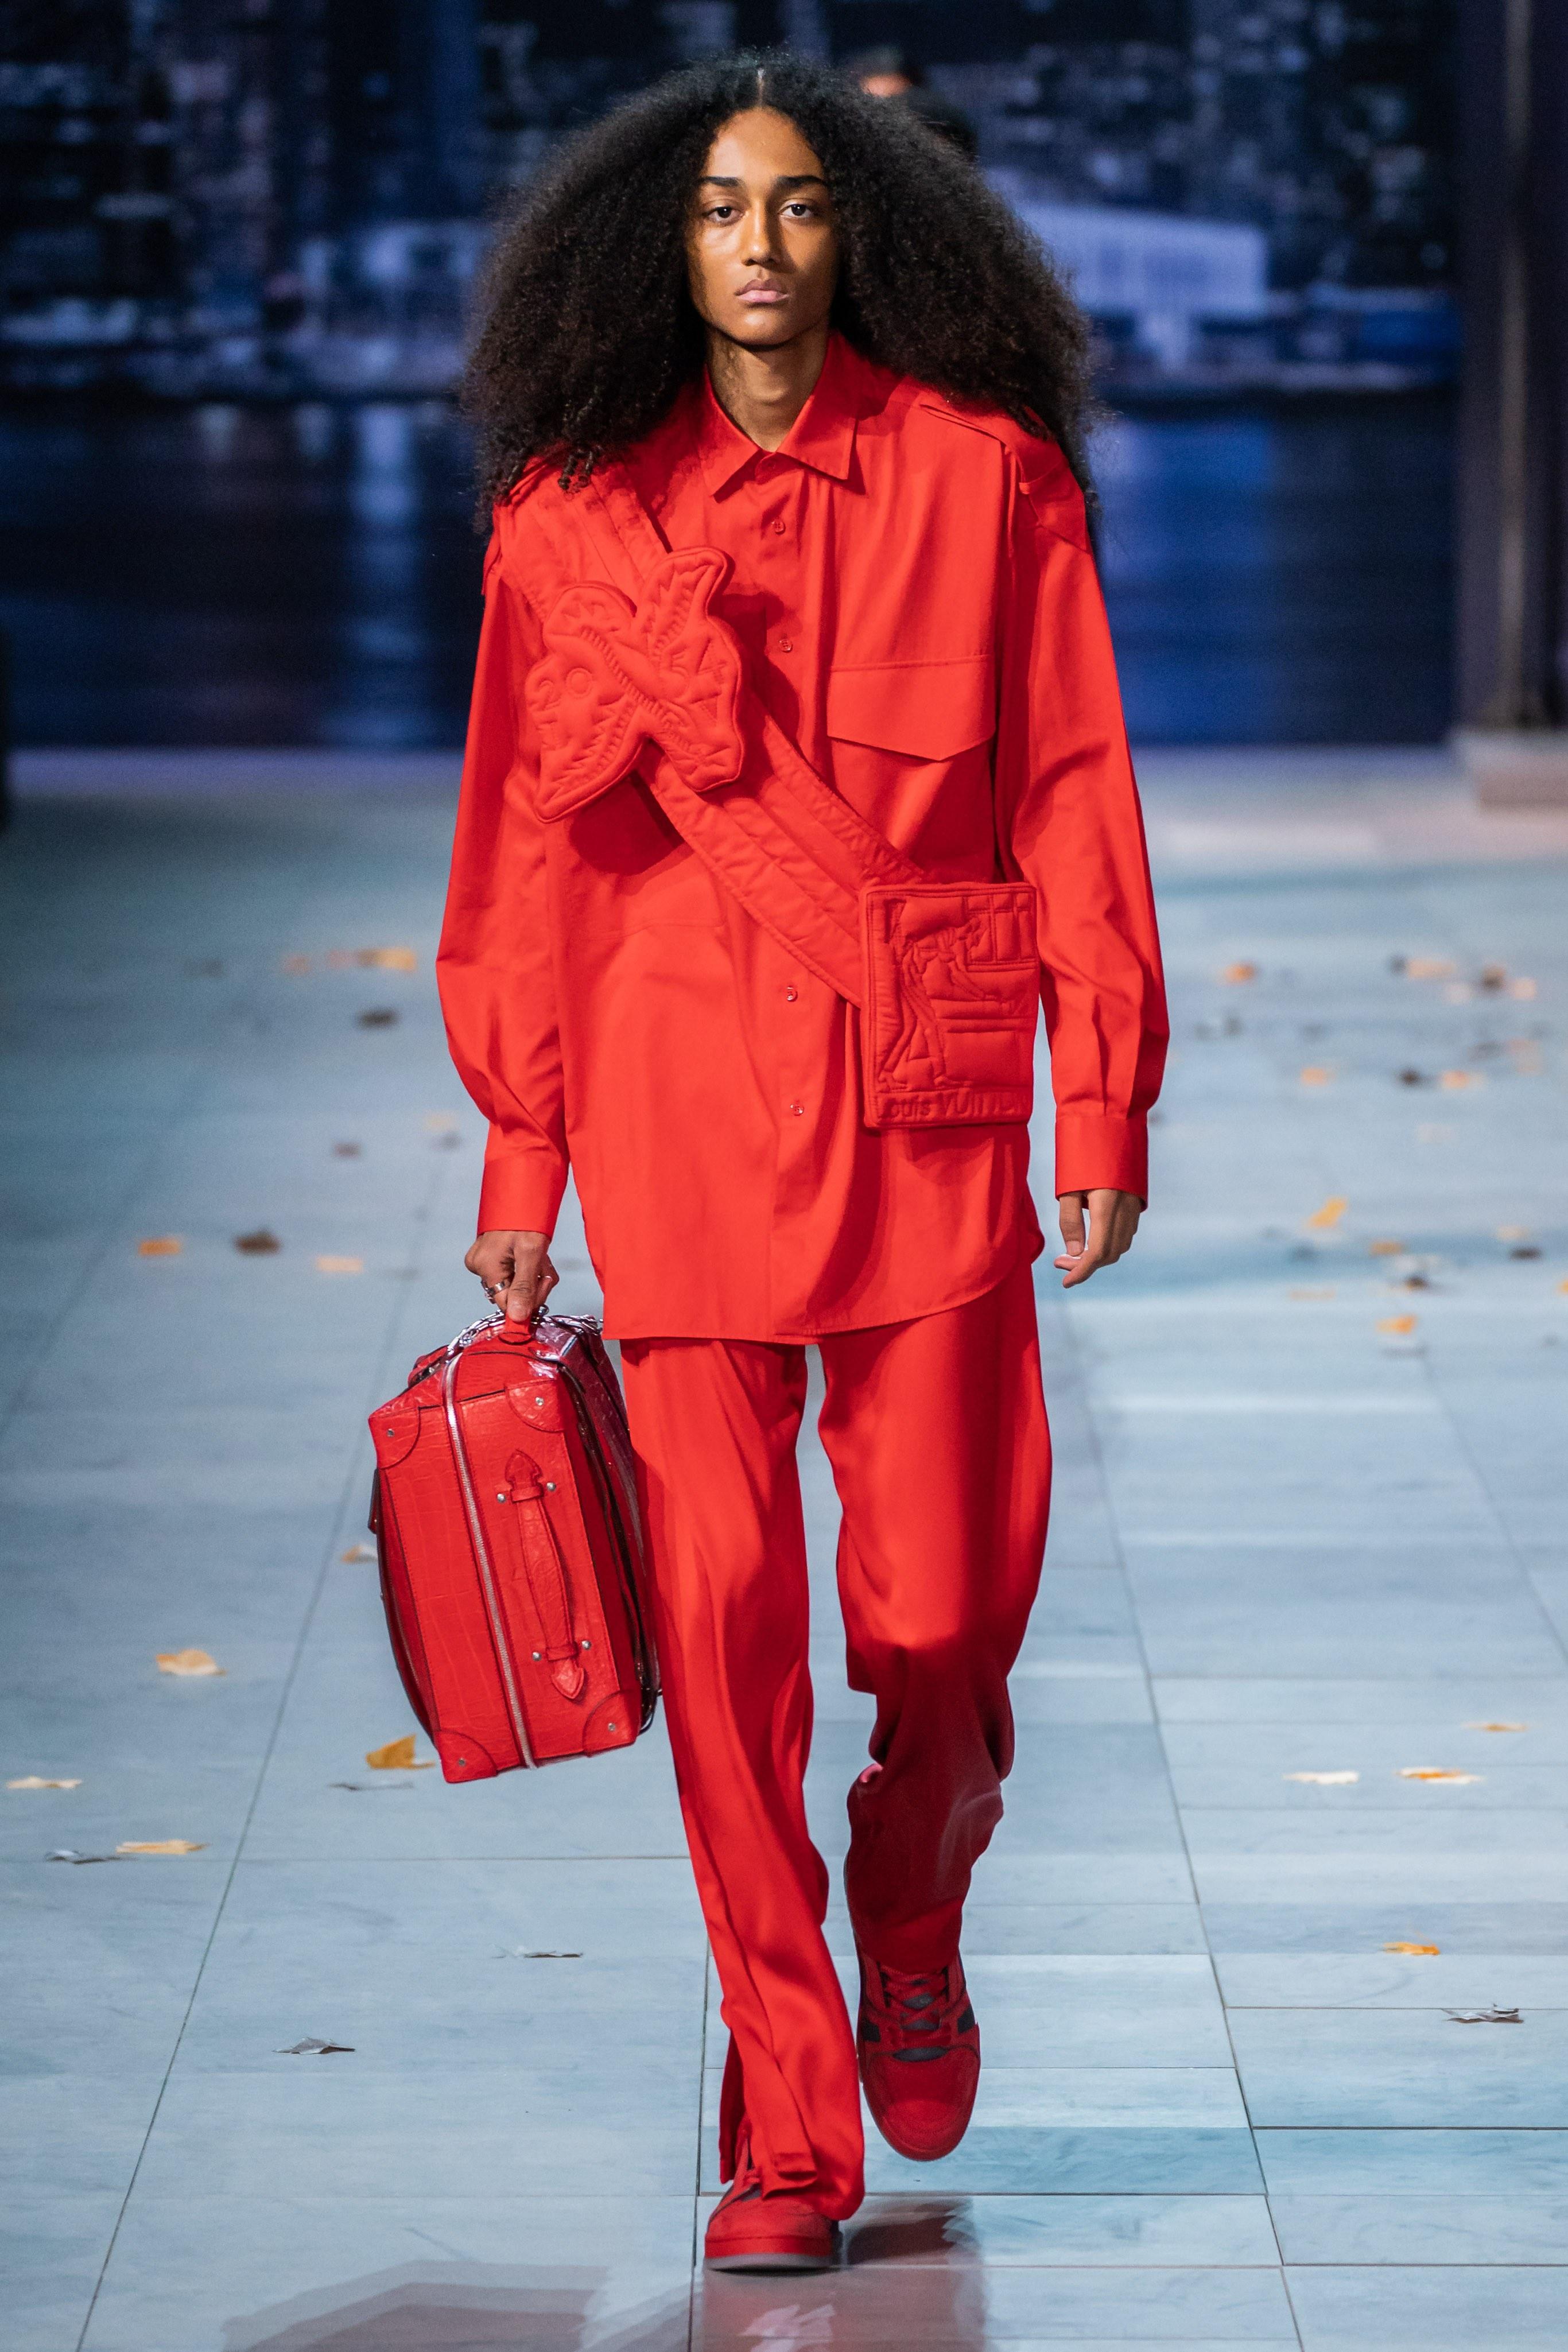 Michael Jackson an hien trong show dien thoi trang nam Louis Vuitton hinh anh 17